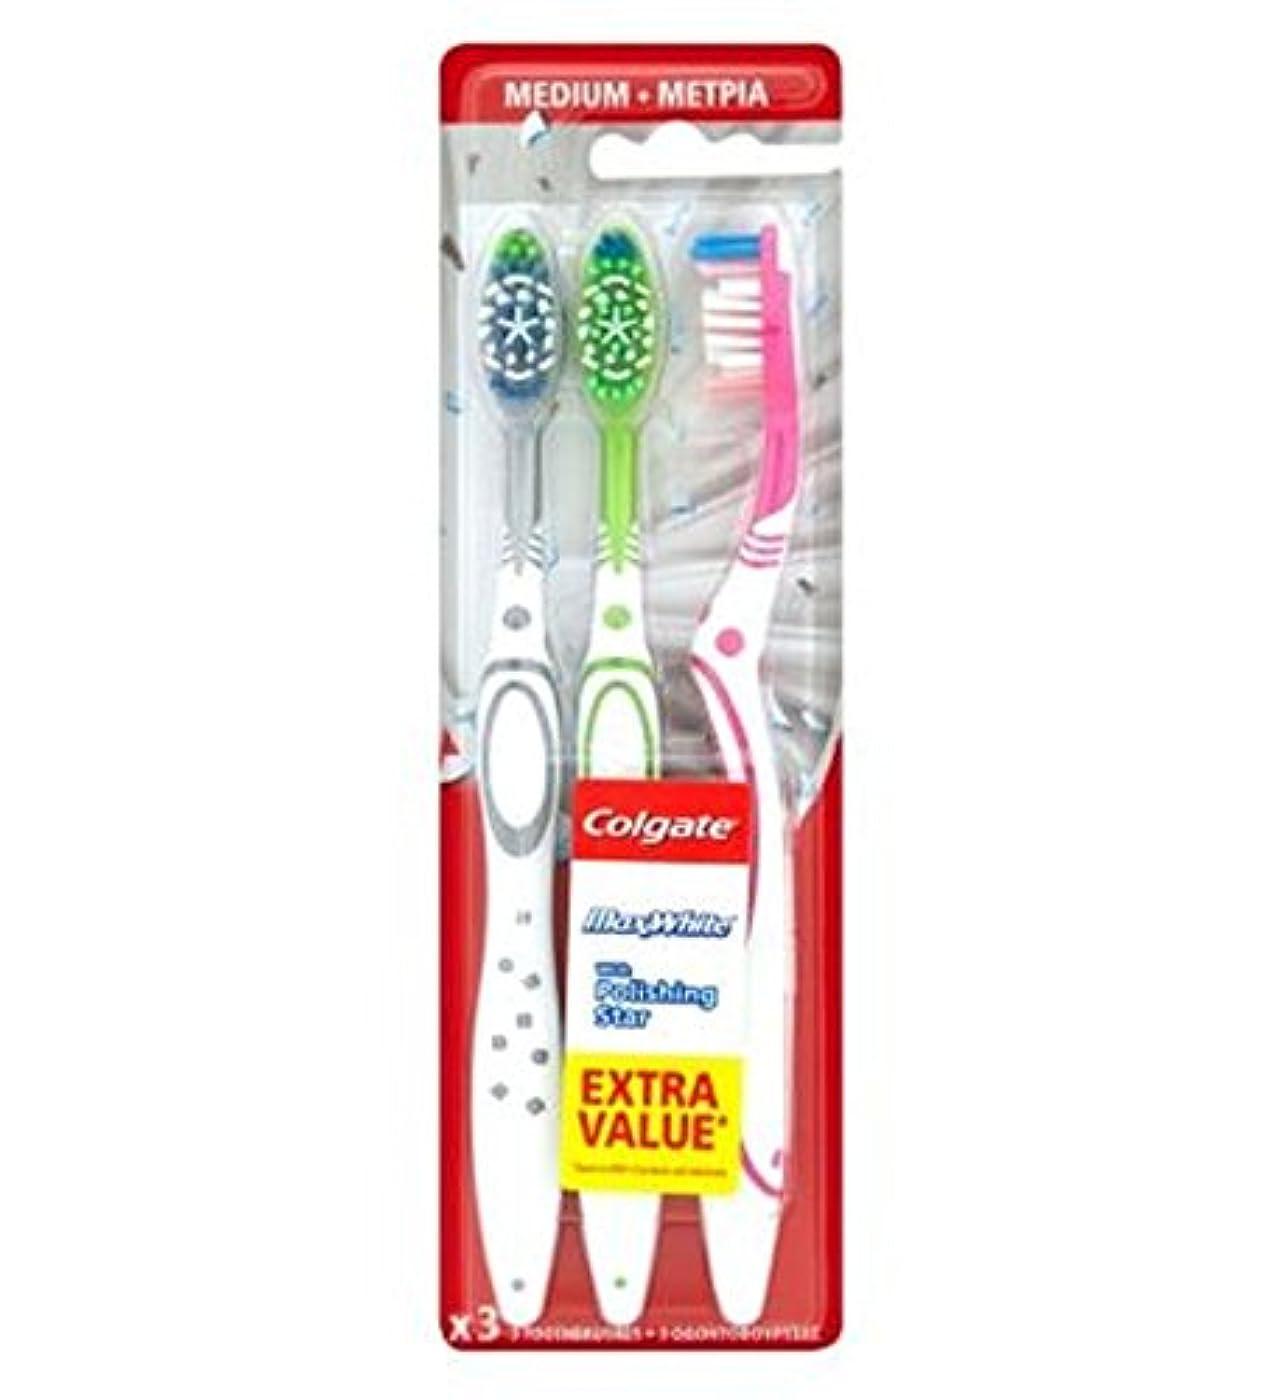 不運してはいけません加害者コルゲートマックスホワイトトリプルパック歯ブラシ (Colgate) (x2) - Colgate Max White Triple Pack toothbrush (Pack of 2) [並行輸入品]